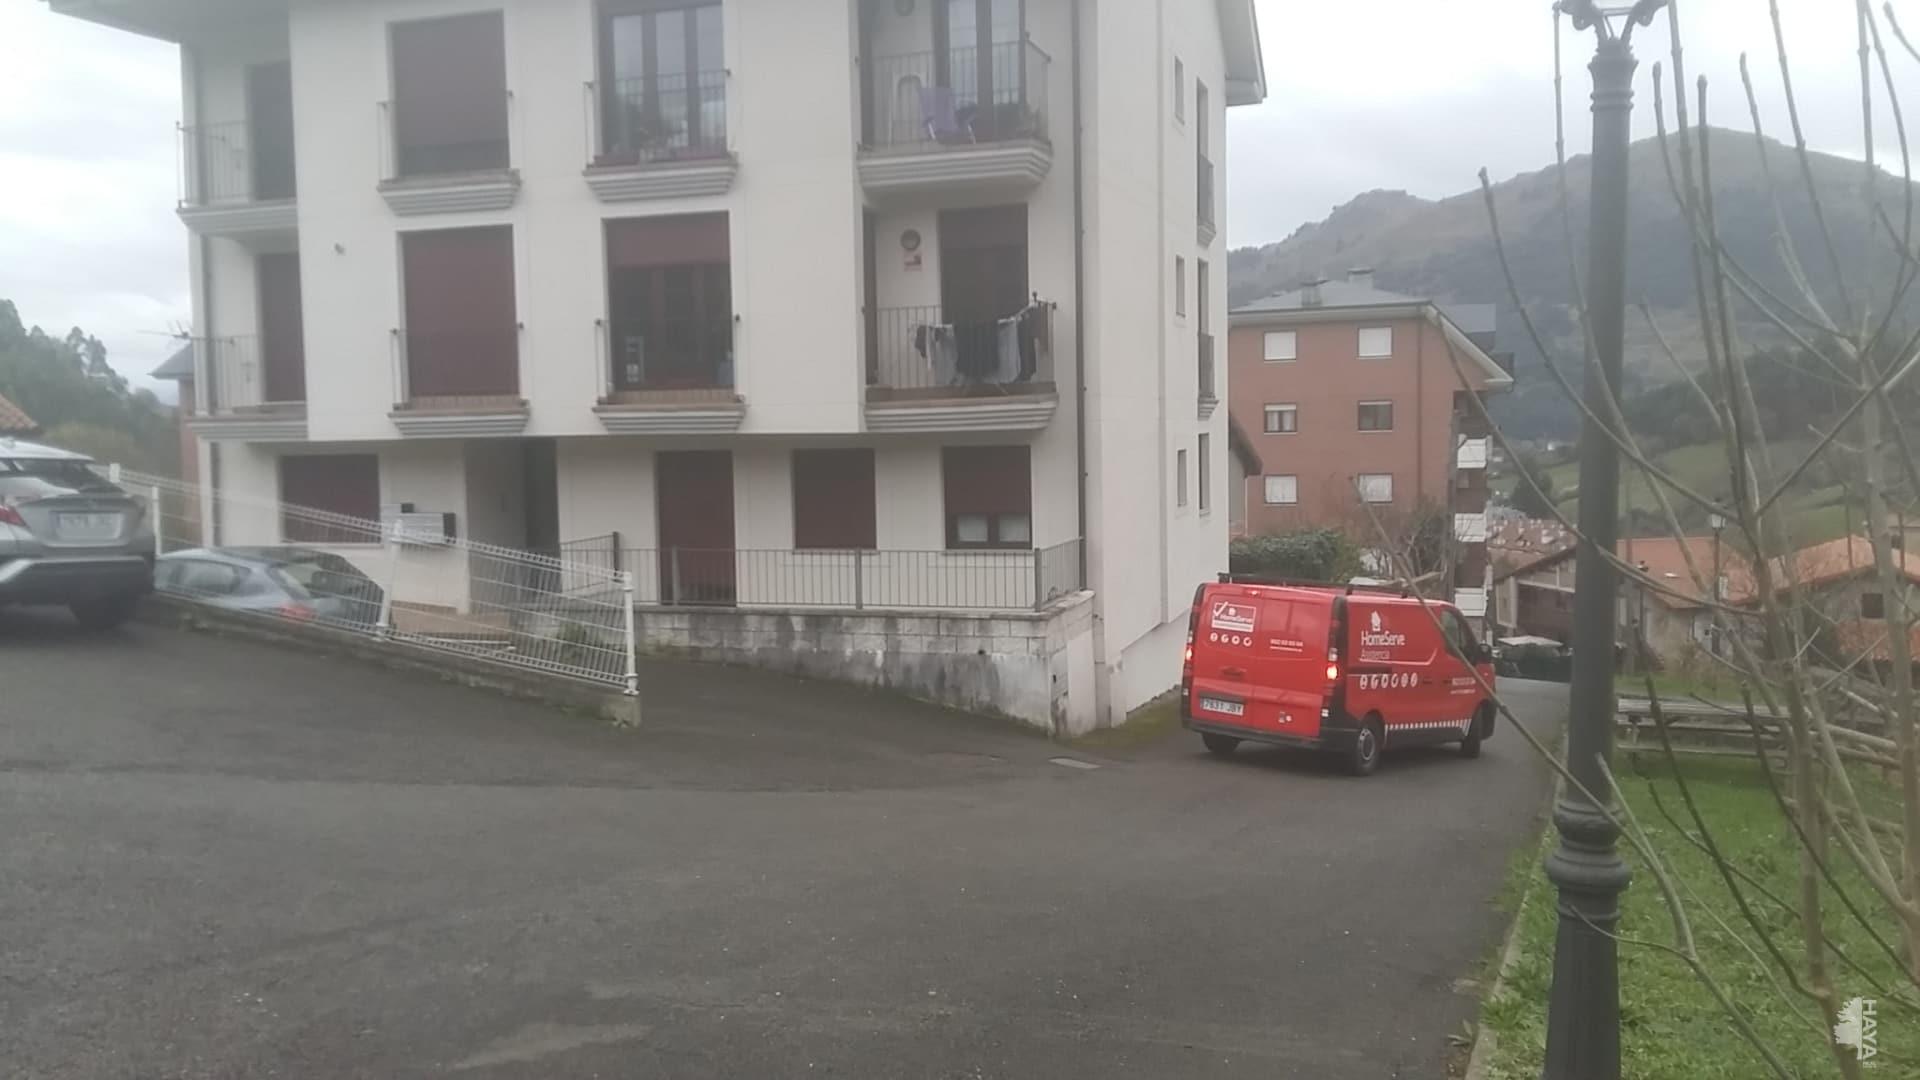 Piso en venta en Limpias, Cantabria, Calle del Canton, 48.000 €, 3 habitaciones, 1 baño, 55 m2